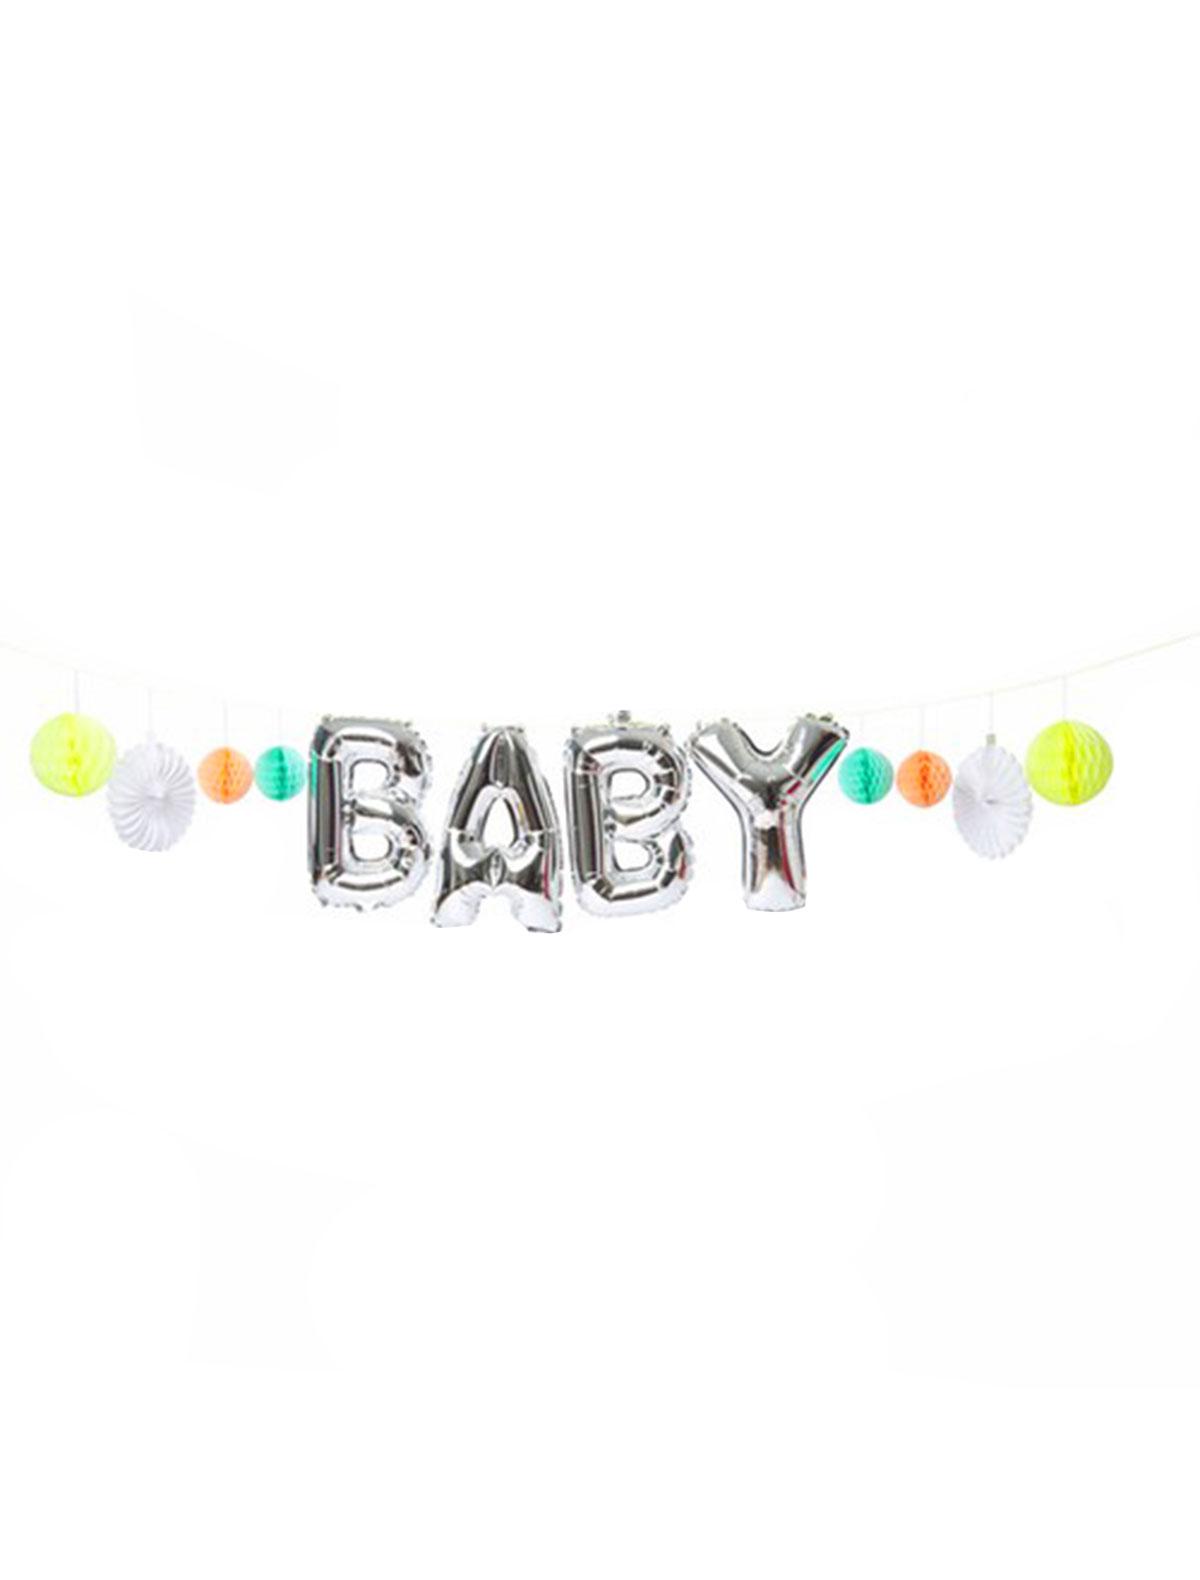 Купить 2221730, Воздушный шар Meri Meri, разноцветный, 6704520080293